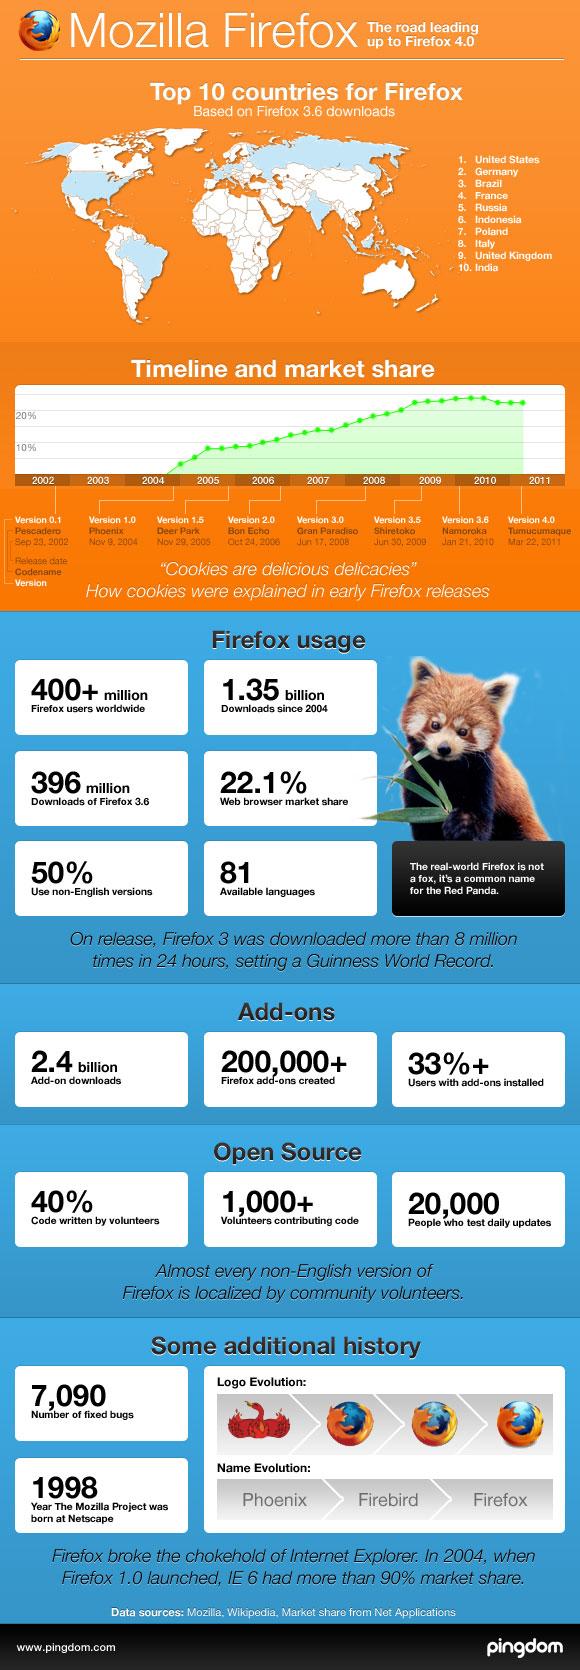 El camino recorrido de Firefox 4 [Infografía] - ff4-infographic-royal-pingdom